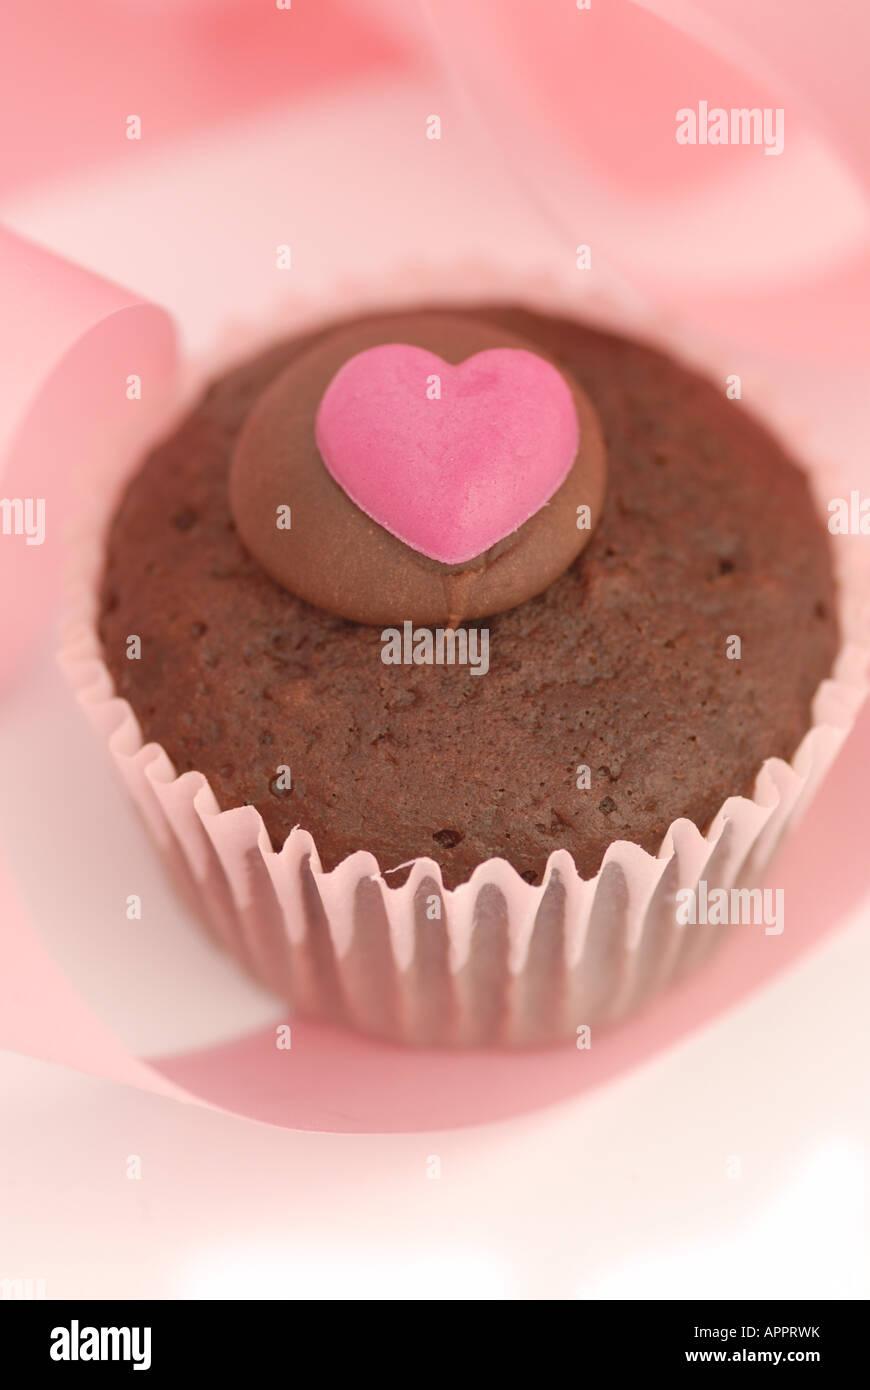 Le goût de valentine - bun avec dégivrage en forme de coeur Photo Stock